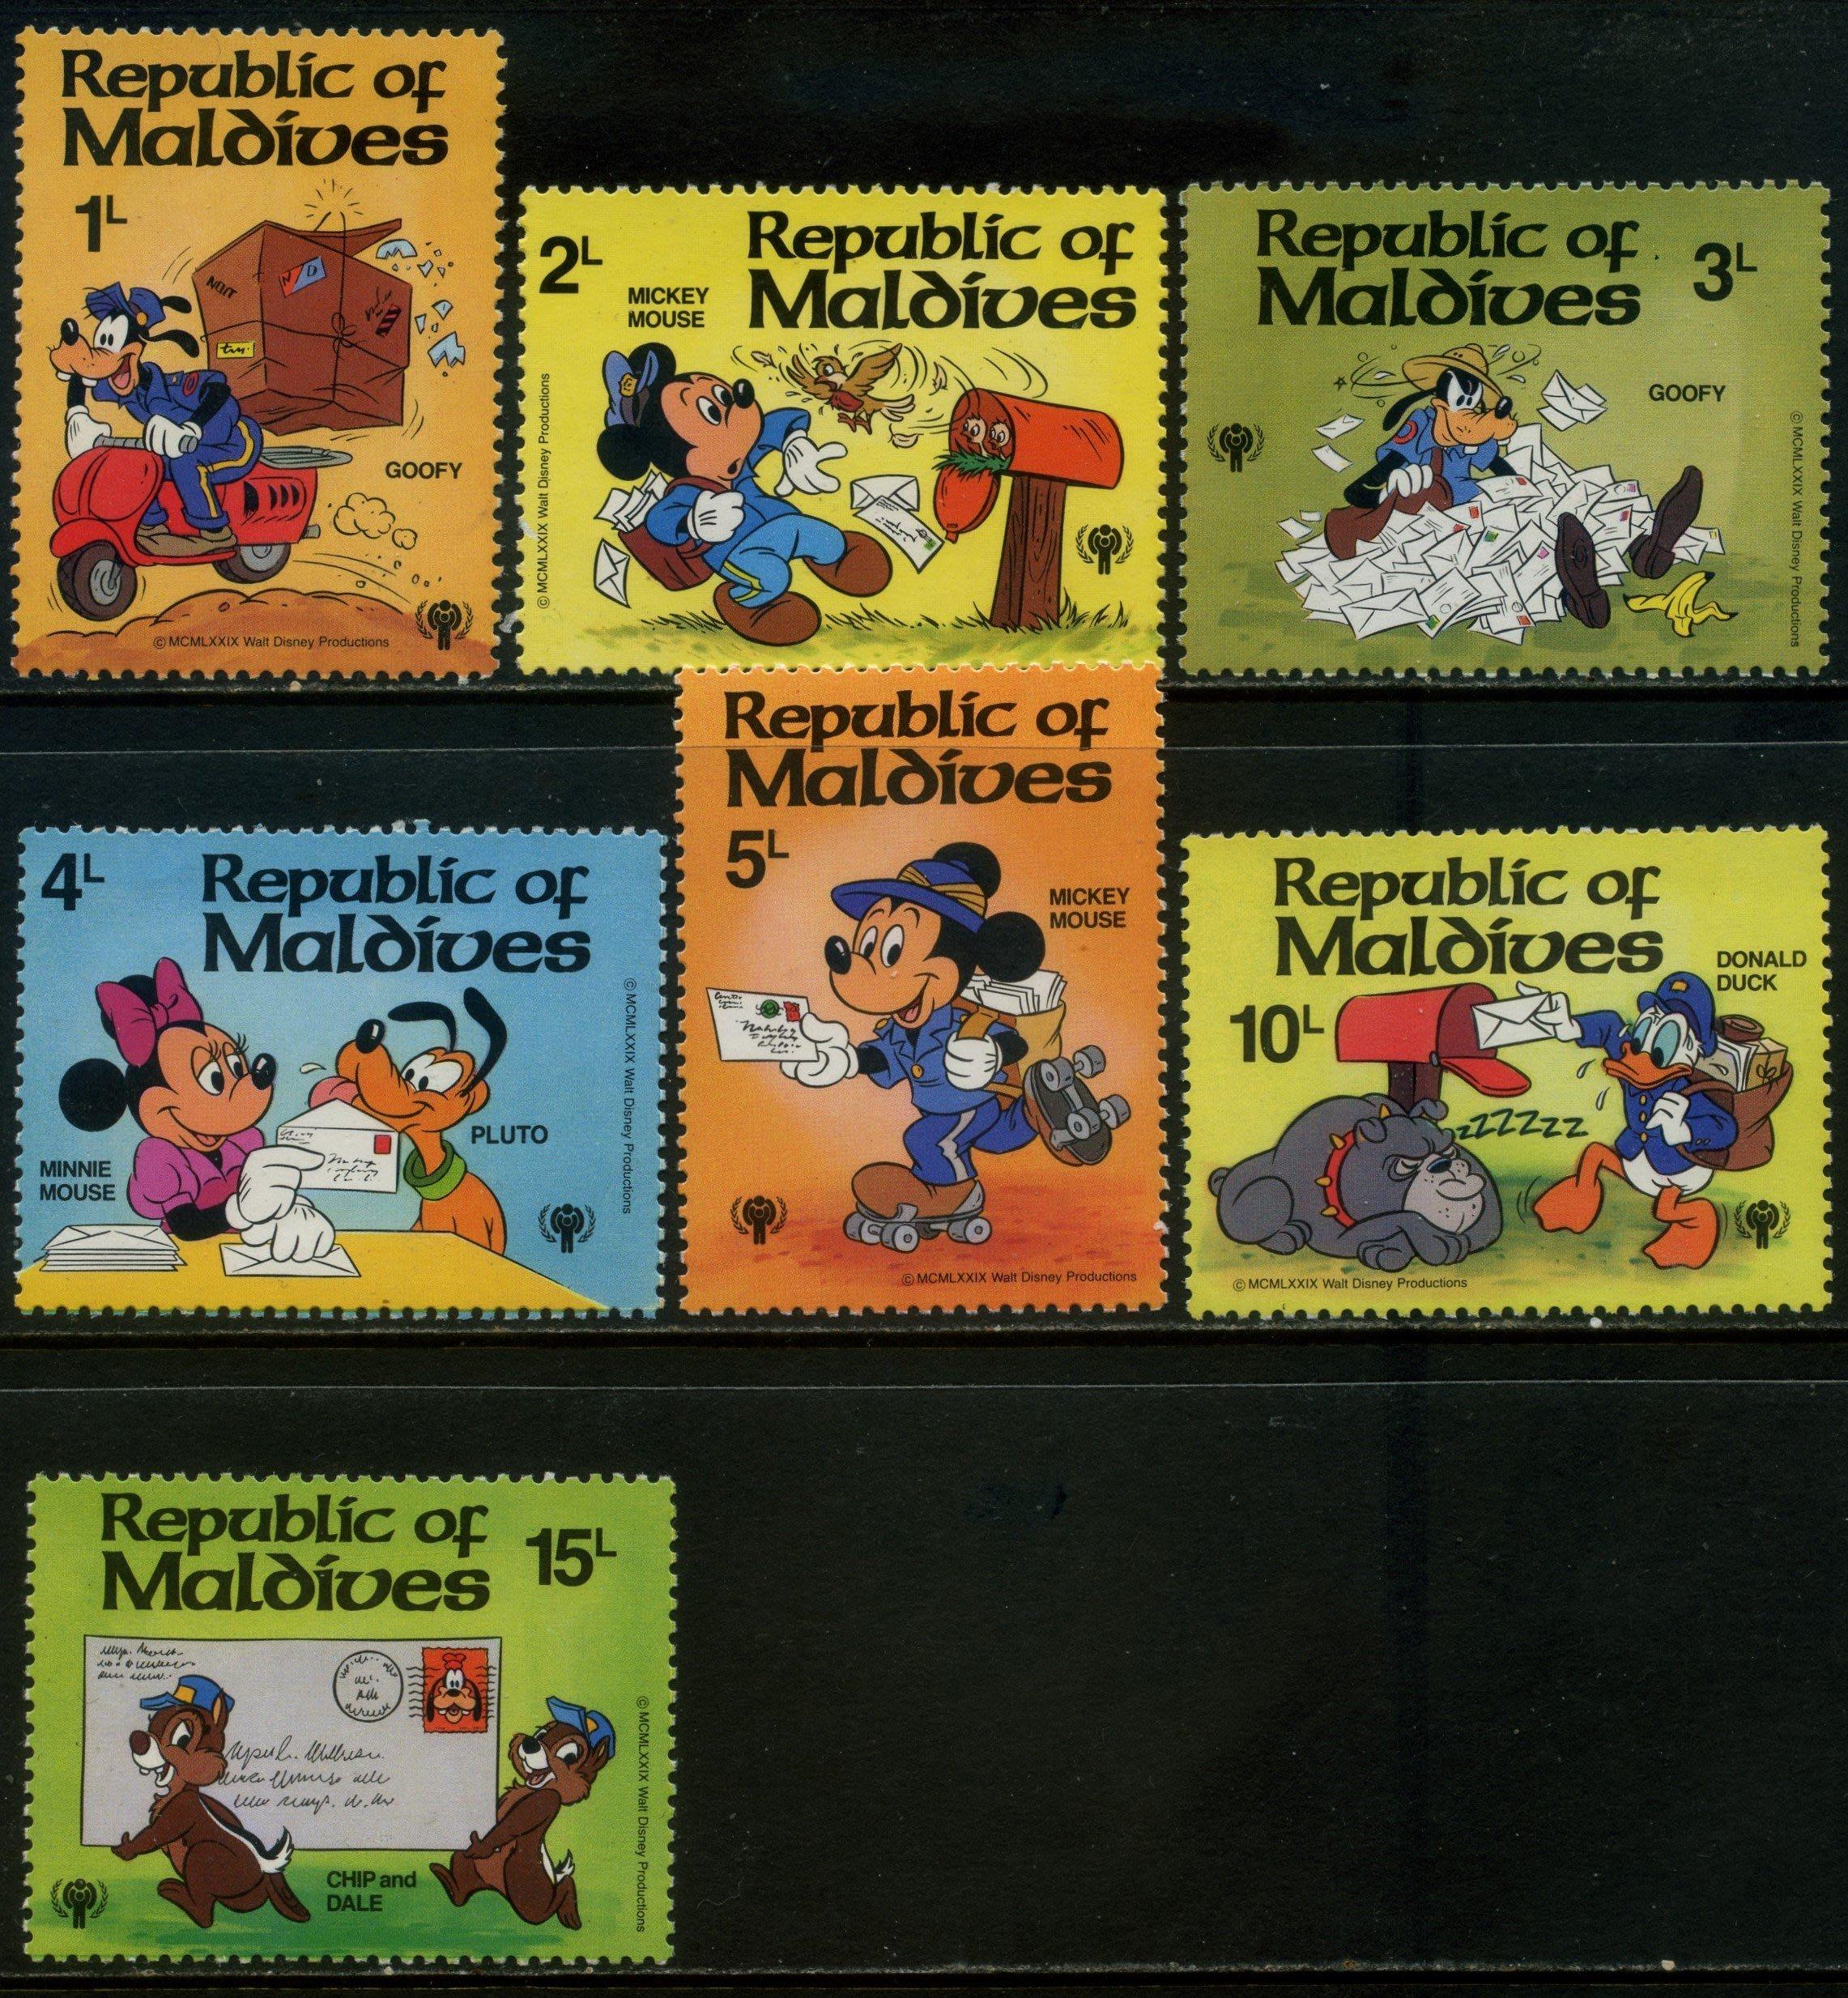 郵紳_27301_馬爾地夫_米老鼠等迪士尼卡通_1979年_原膠新票_美品_背潔無貼_低價起標無底價